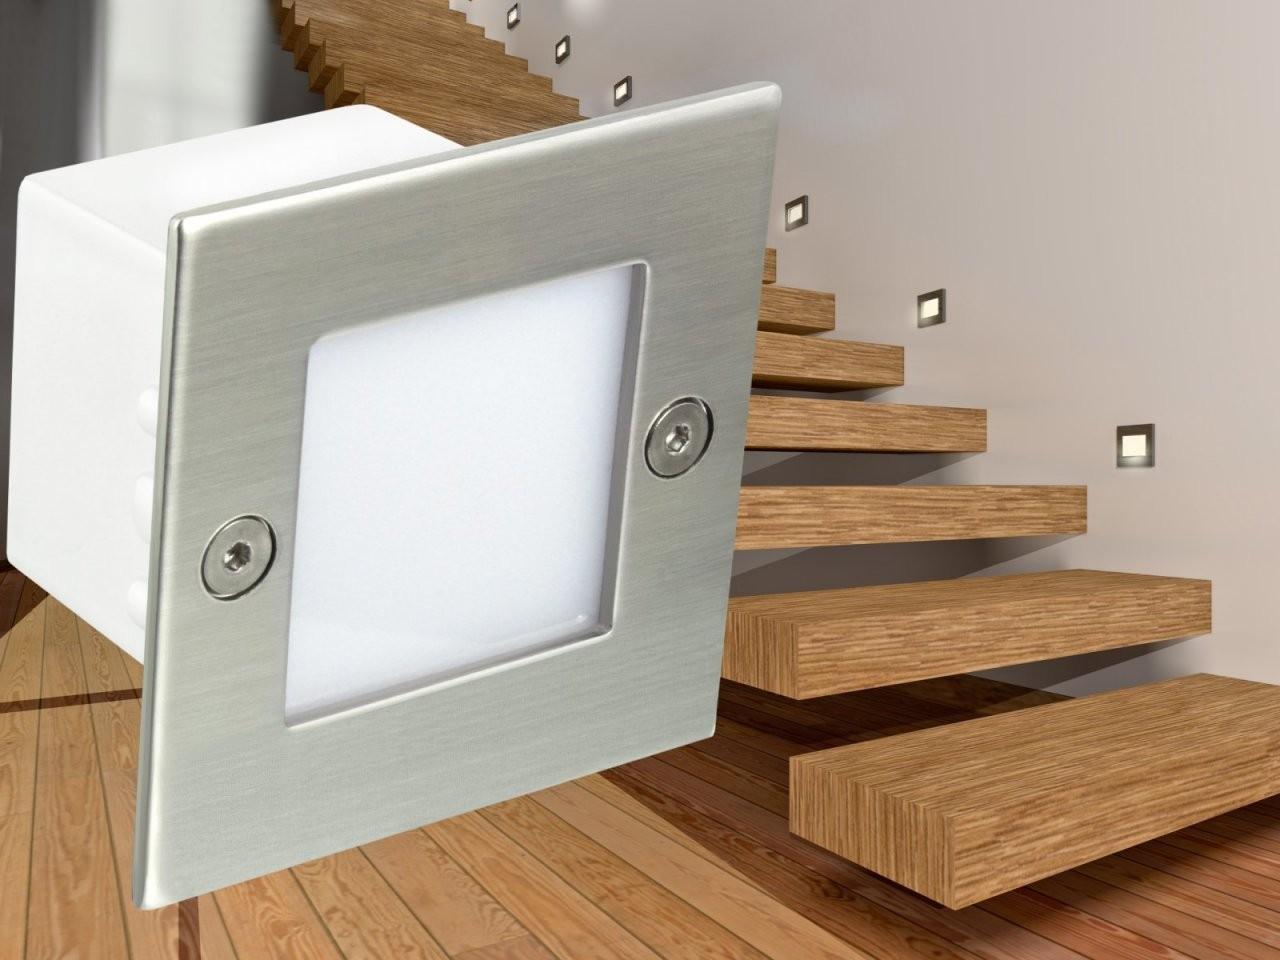 Led Deckenleuchte Küche Led Treppenleuchten von Led Treppenlicht Mit Bewegungsmelder Bild